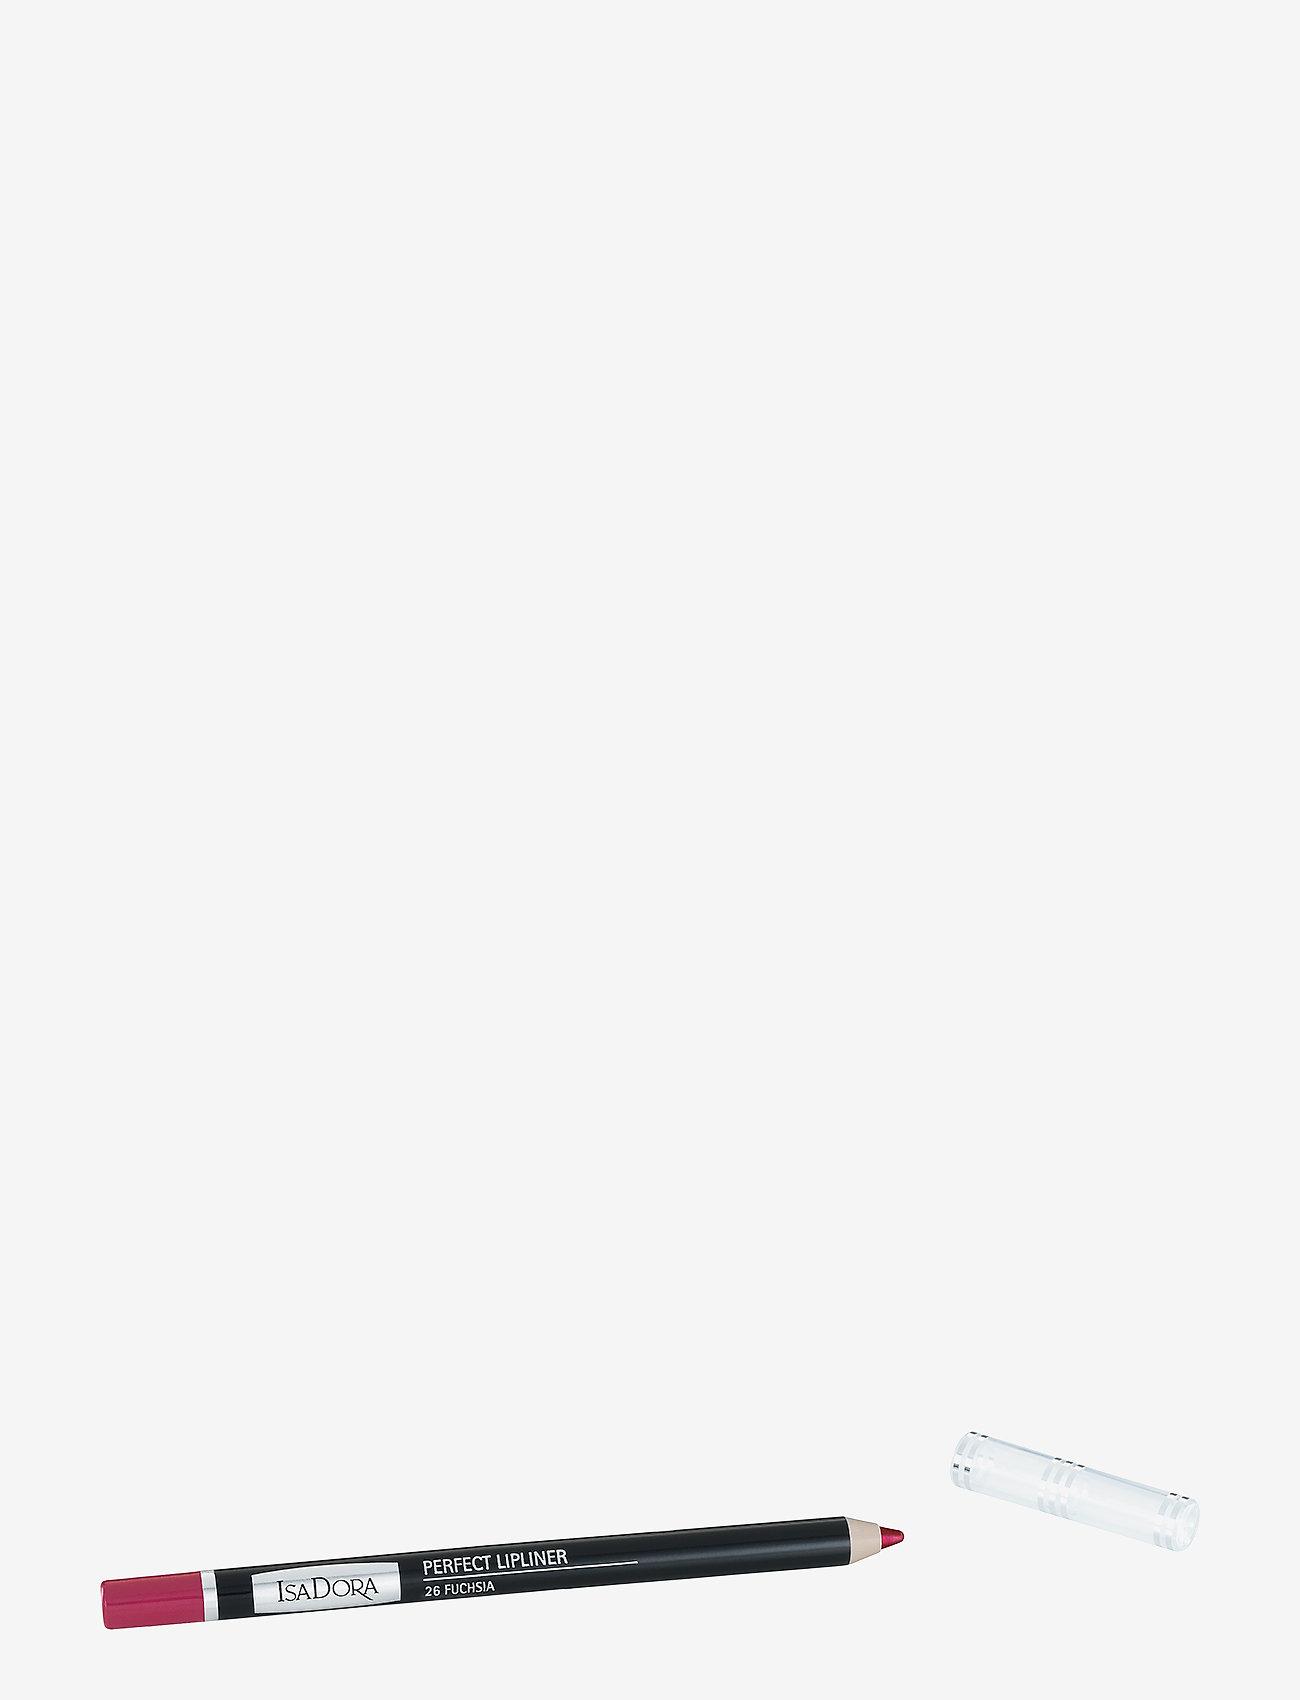 Isadora - PERFECT LIPLINER 026 FUCHSIA - läppenna - 026 fuchsia - 0